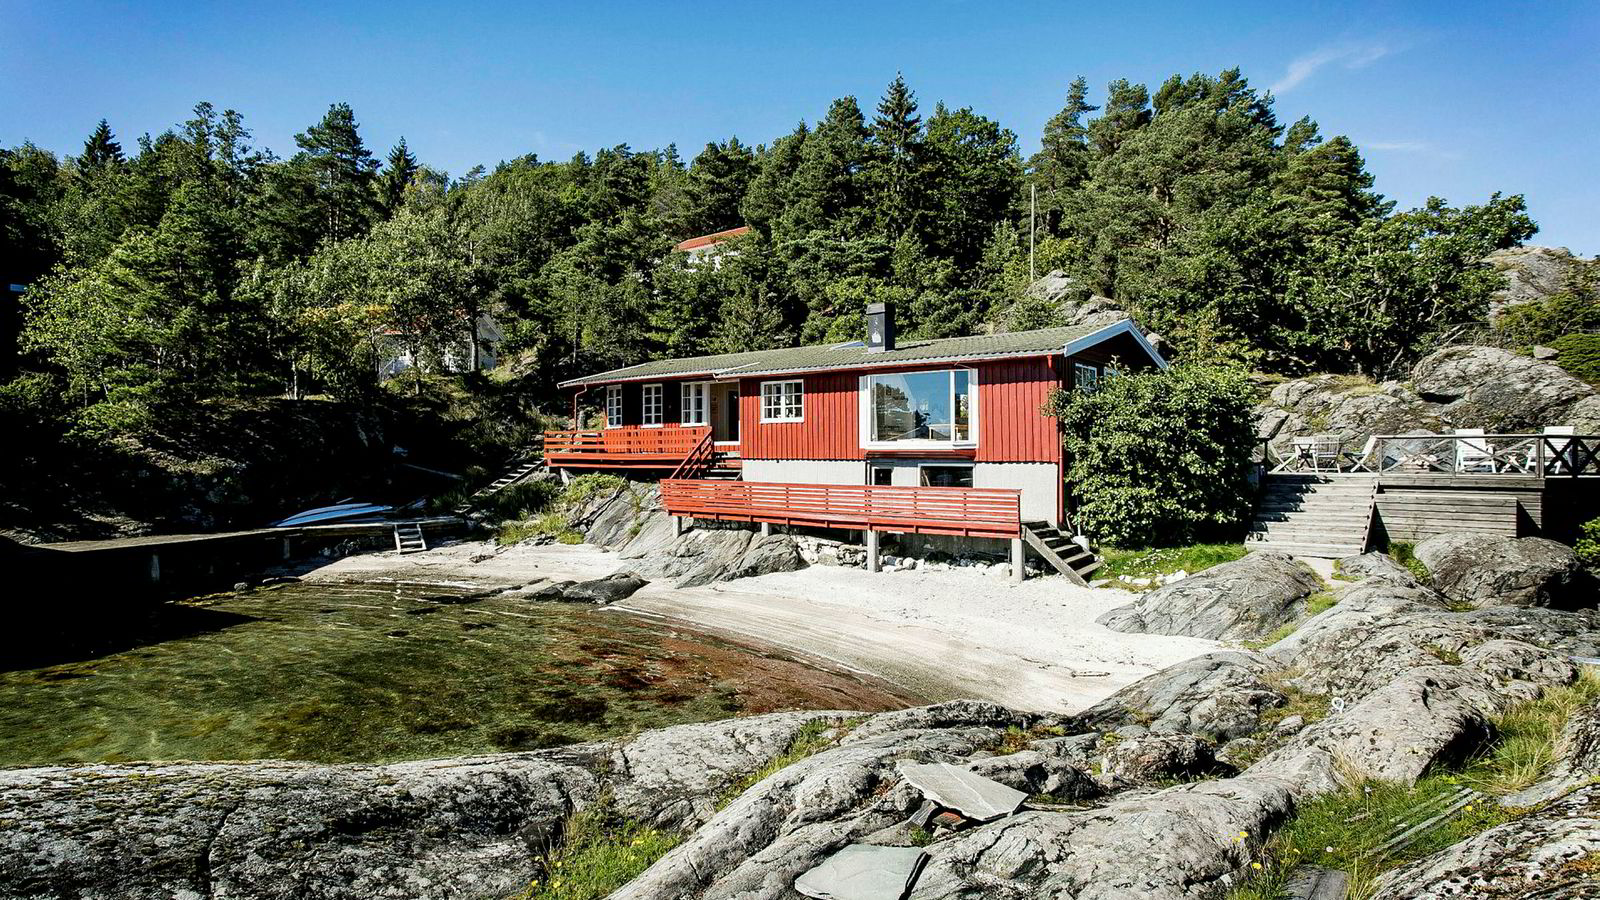 Med utedo og egen båt som eneste transportmiddel, har allerede 35 kjøpere meldt sin interesse for denne hytta til 6,9 millioner kroner.